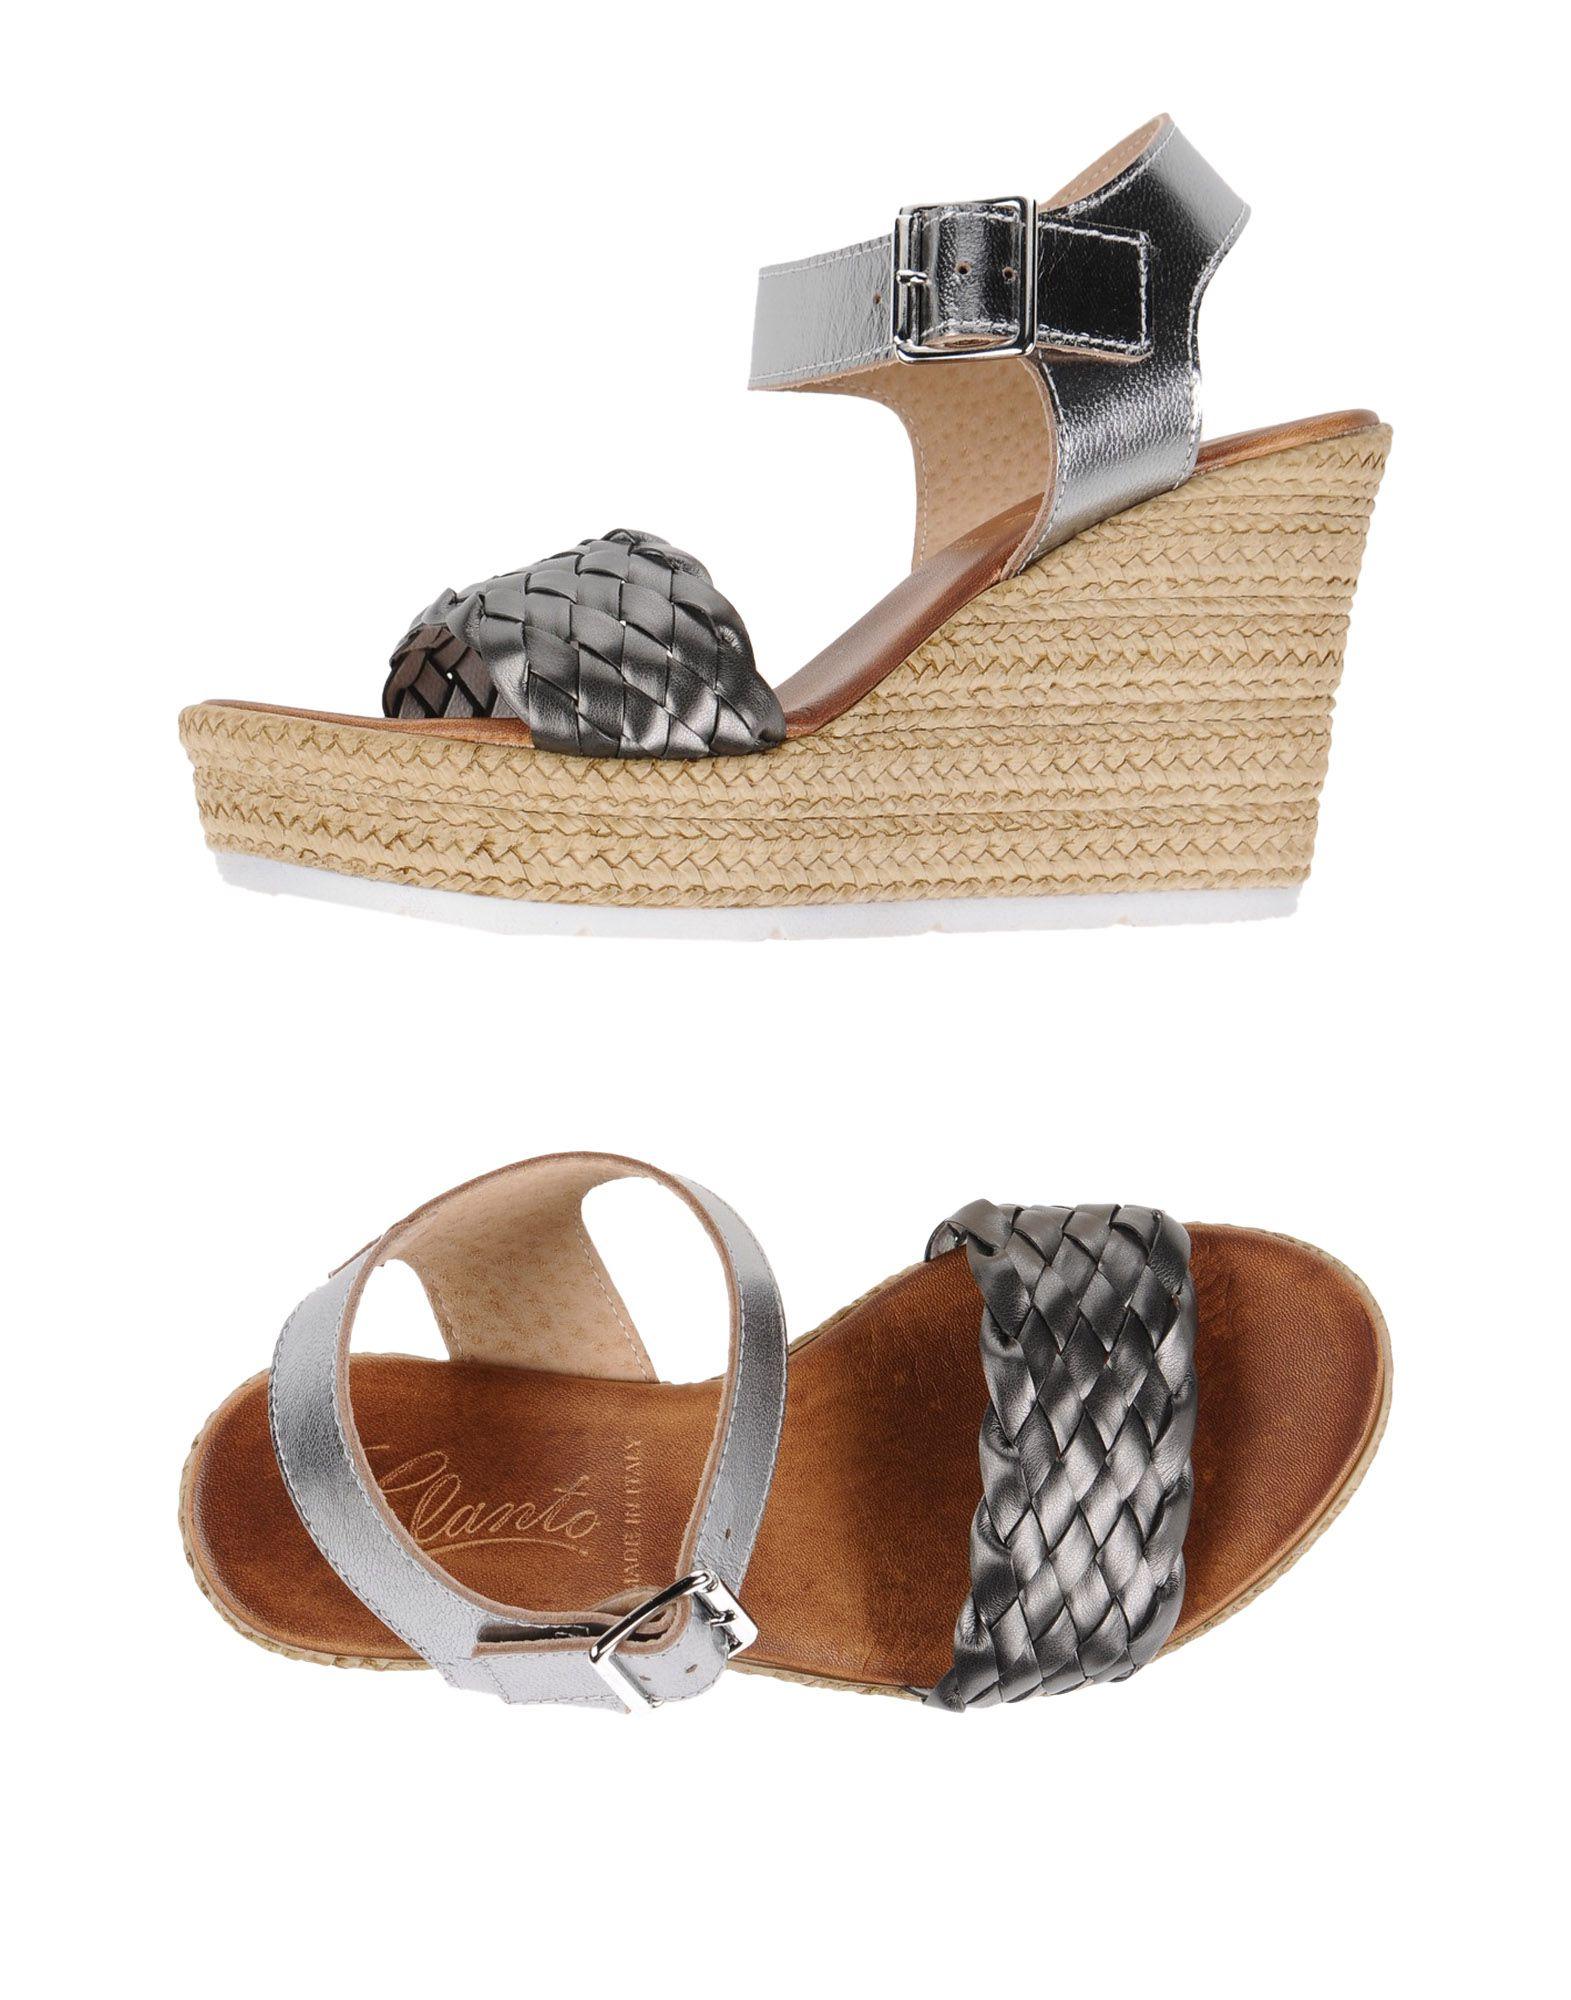 Clanto Sandalen 11207389AI Damen  11207389AI Sandalen Gute Qualität beliebte Schuhe d152a6